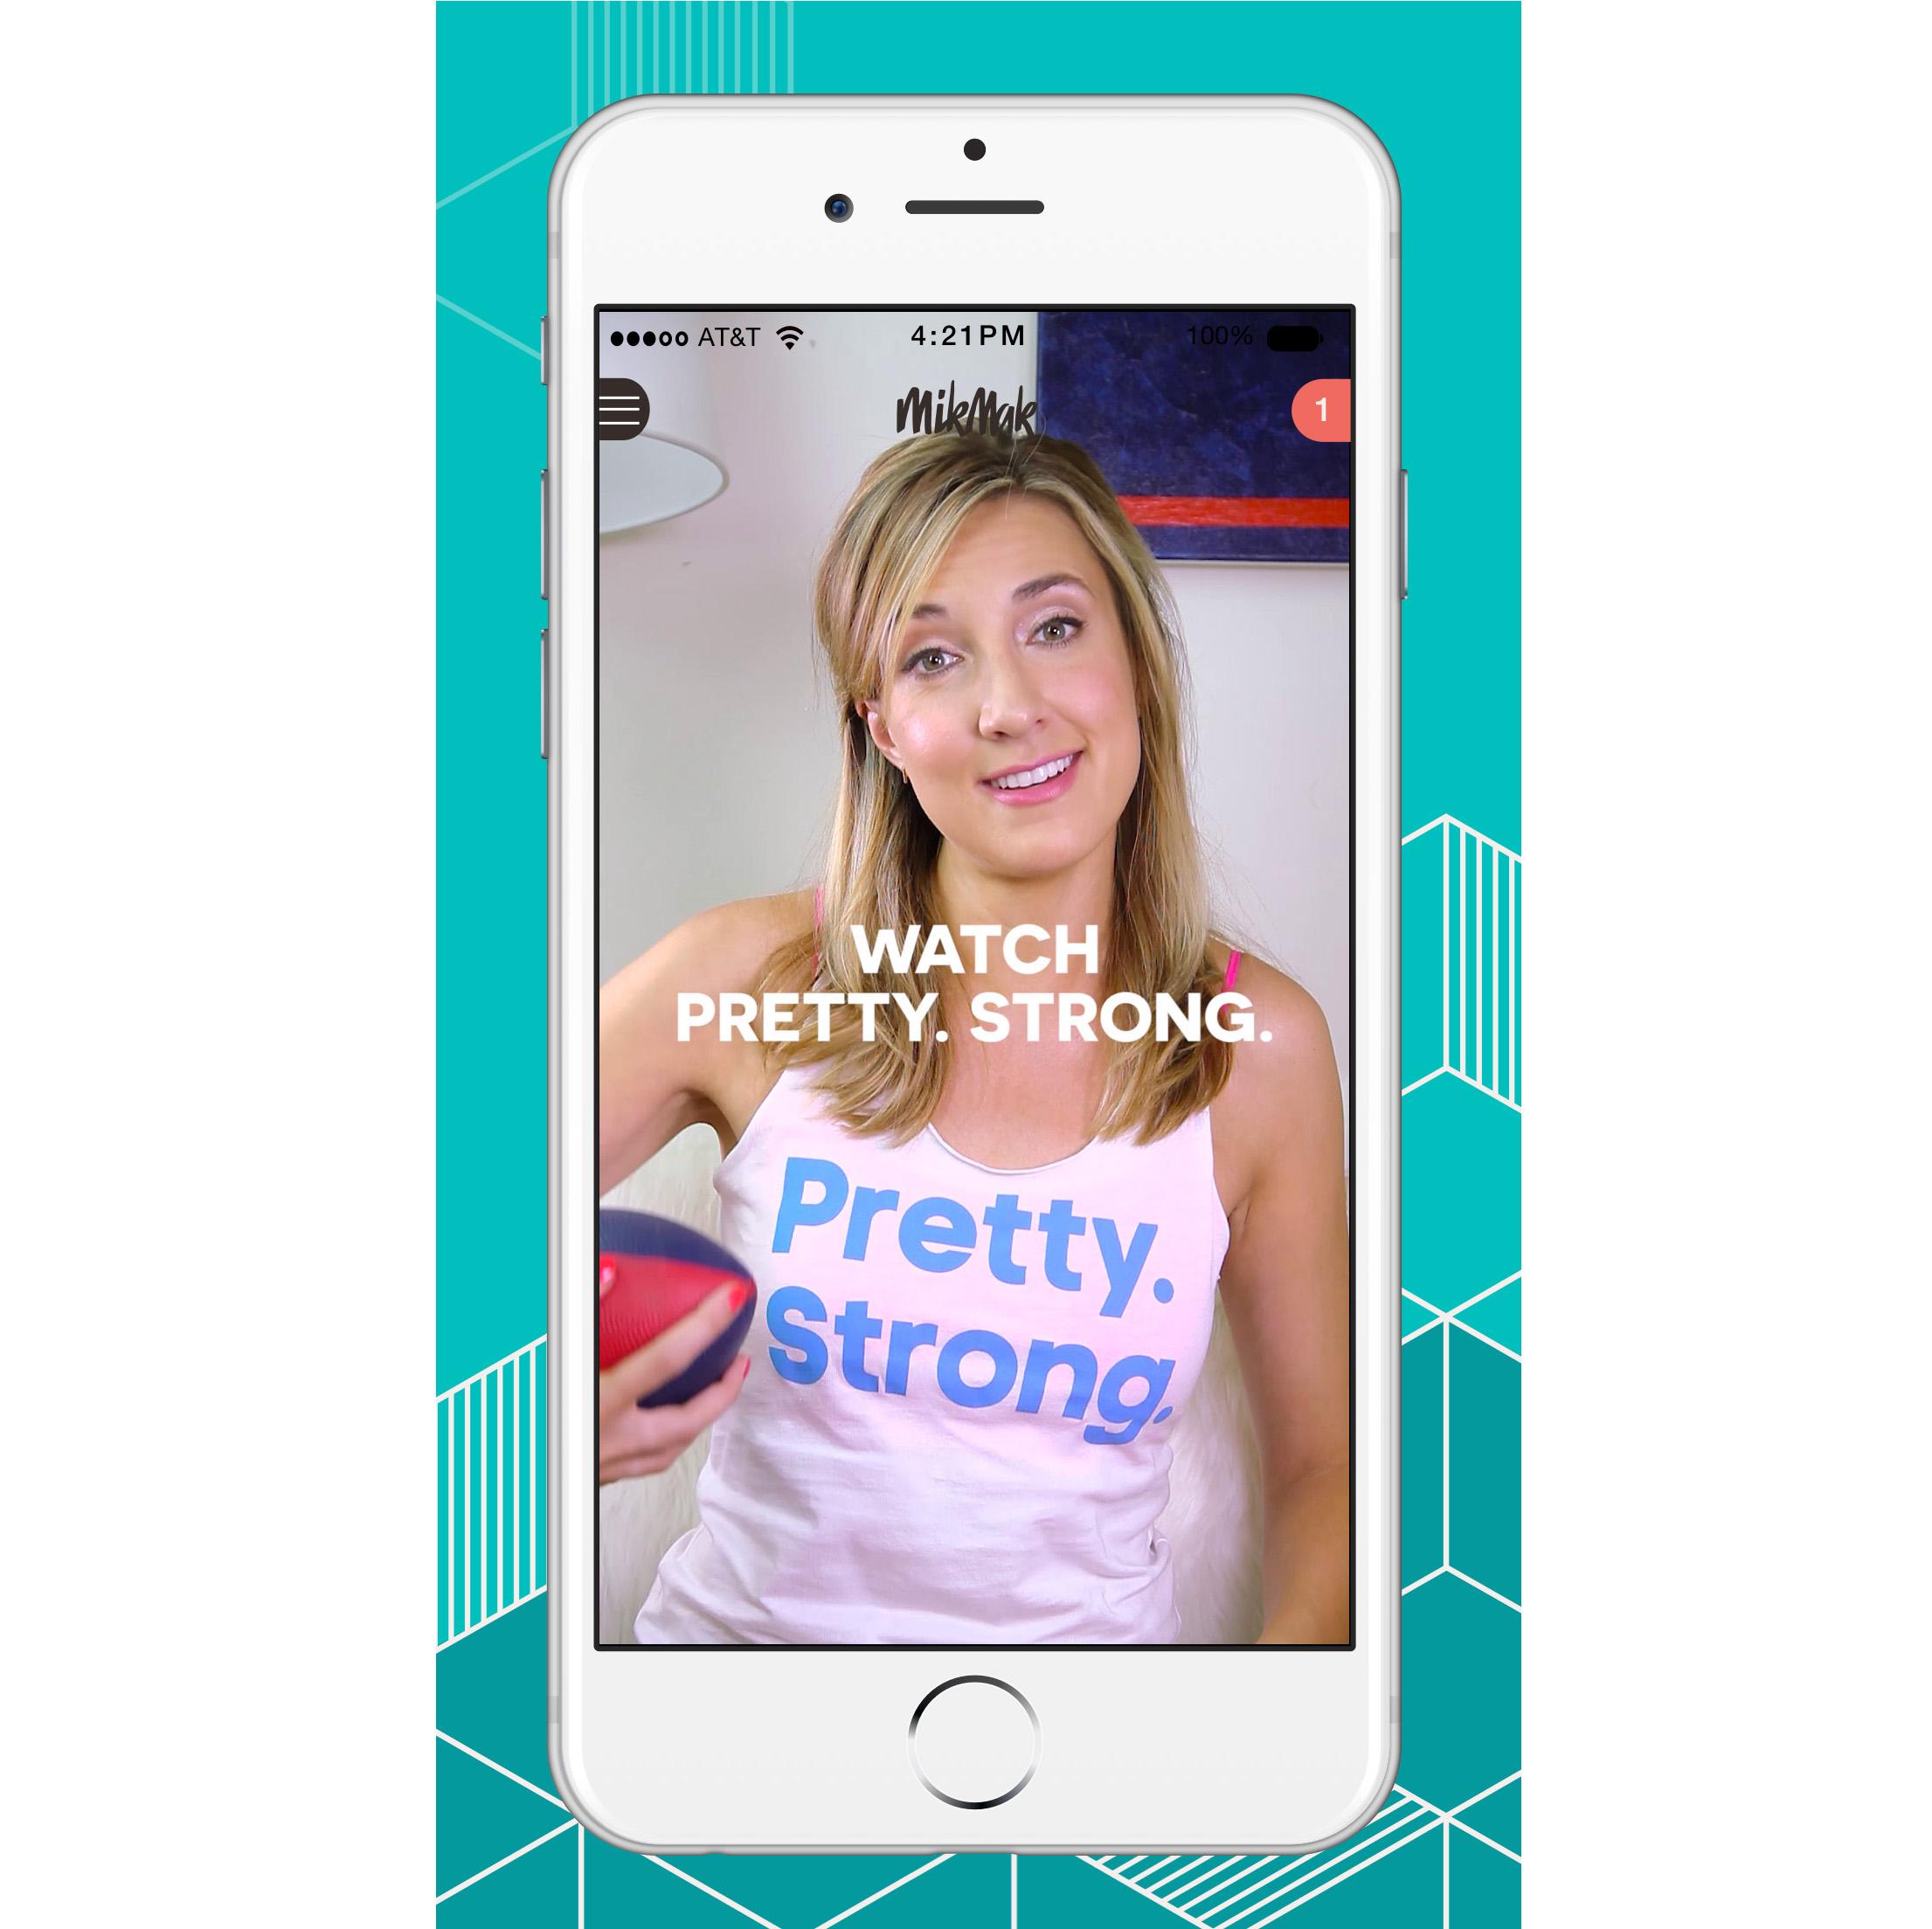 MikMak app screen